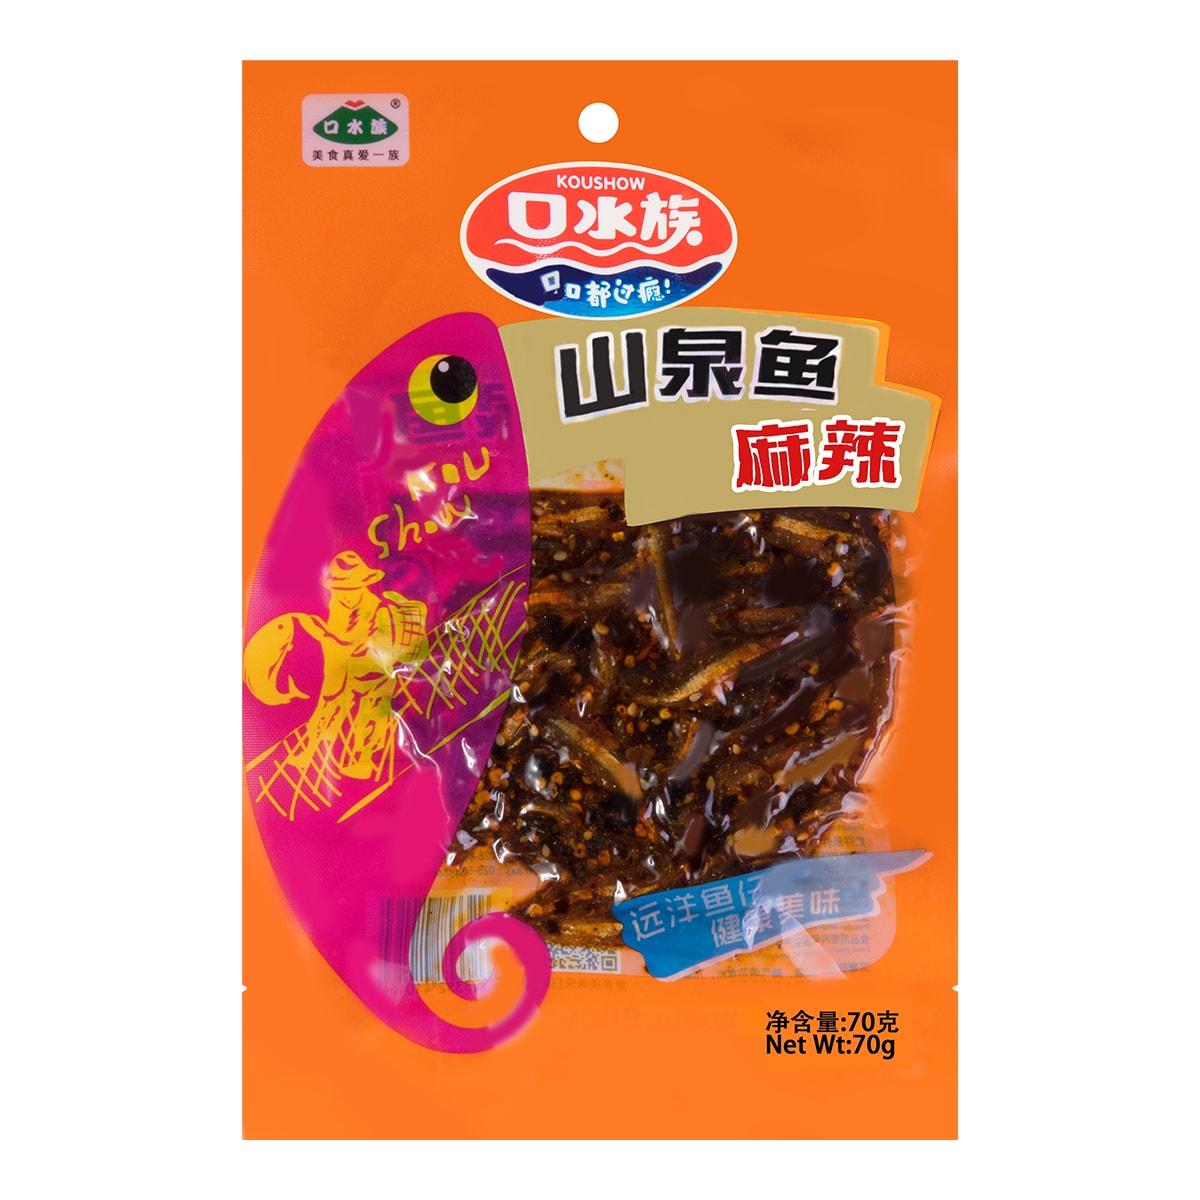 口水族 山泉鱼 麻辣味  70g